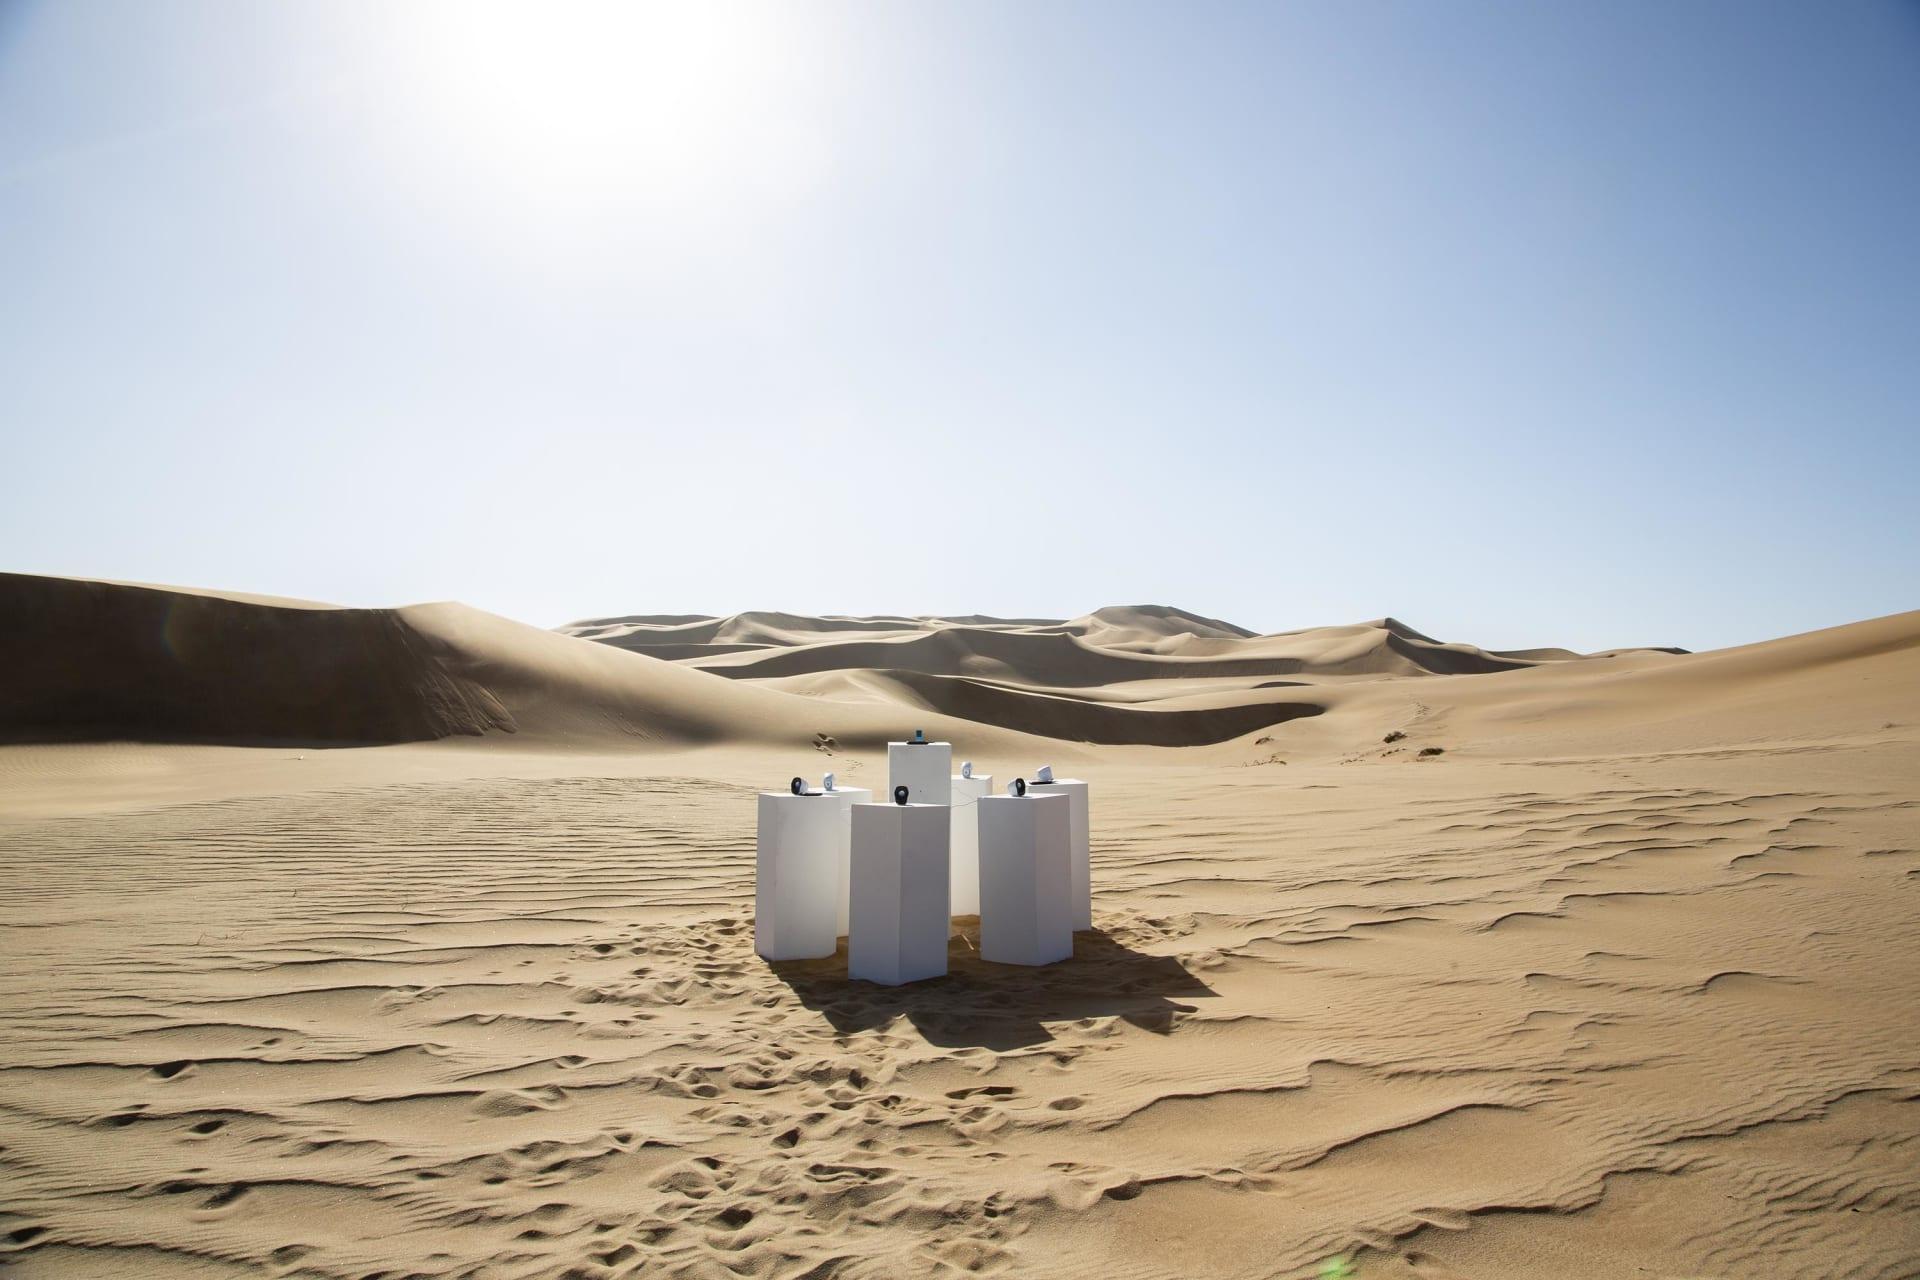 """يخلد فنان هذه الأغنية الشهيرة عبر تشغيلها وسط صحراء ناميبيا """"للأبد"""""""